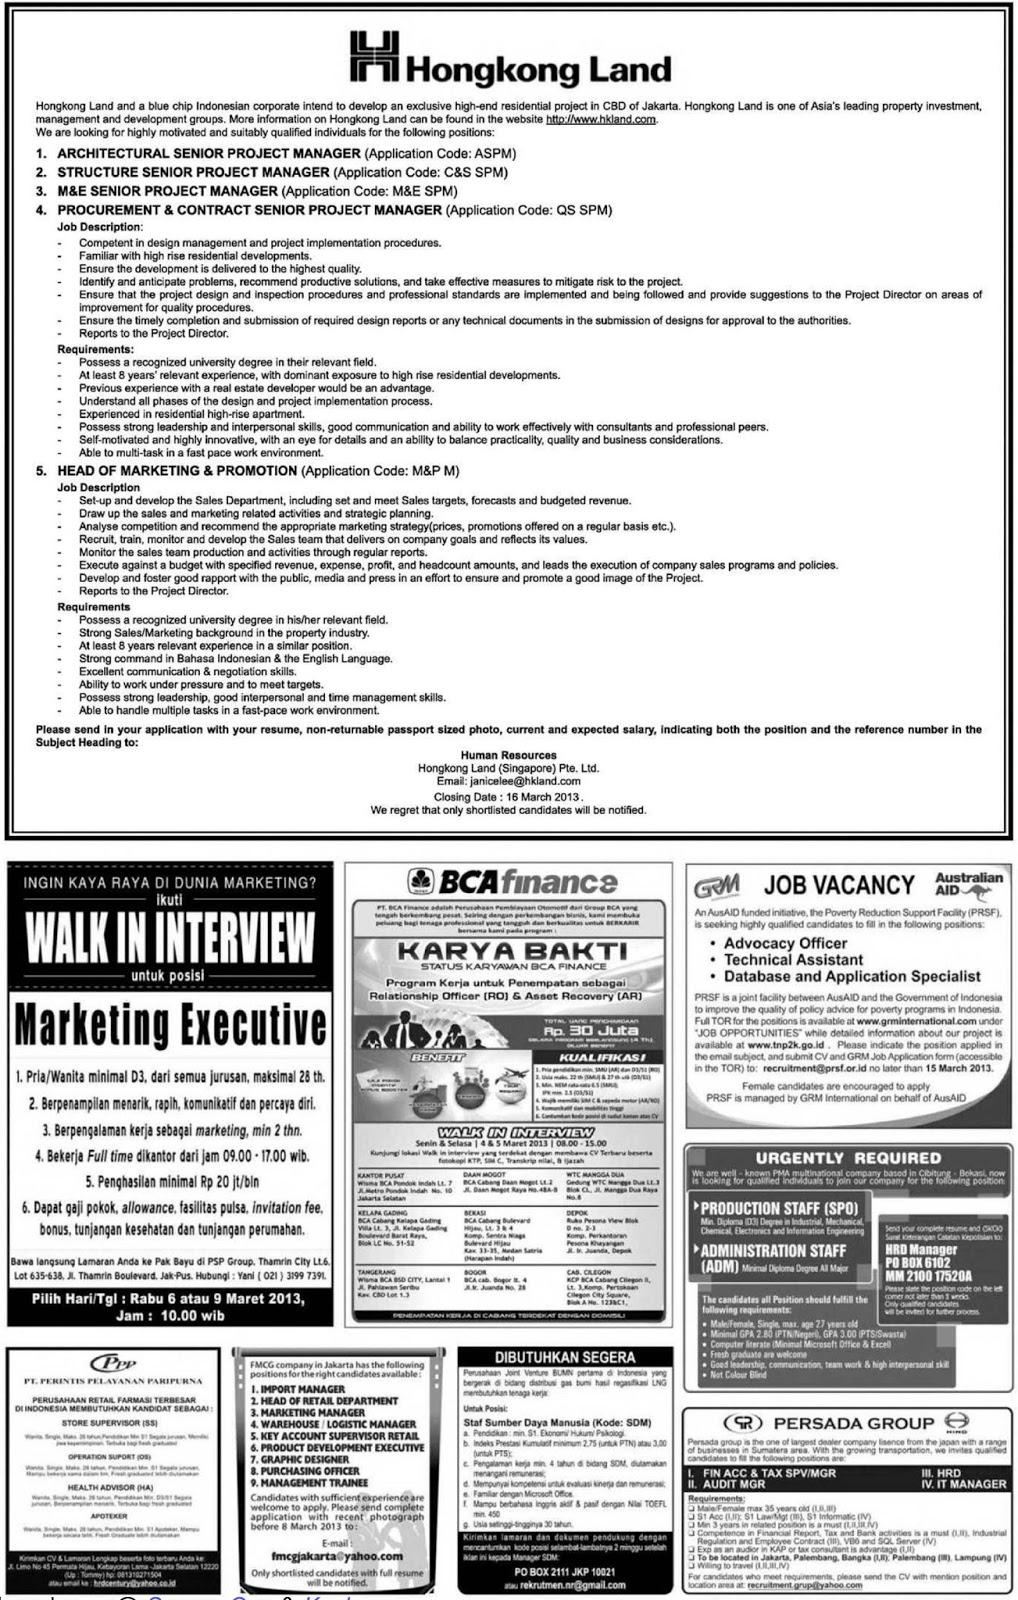 Berikut Lowongan kerja yang dimuat di koran kompas Sabtu 2 Maret 2013.